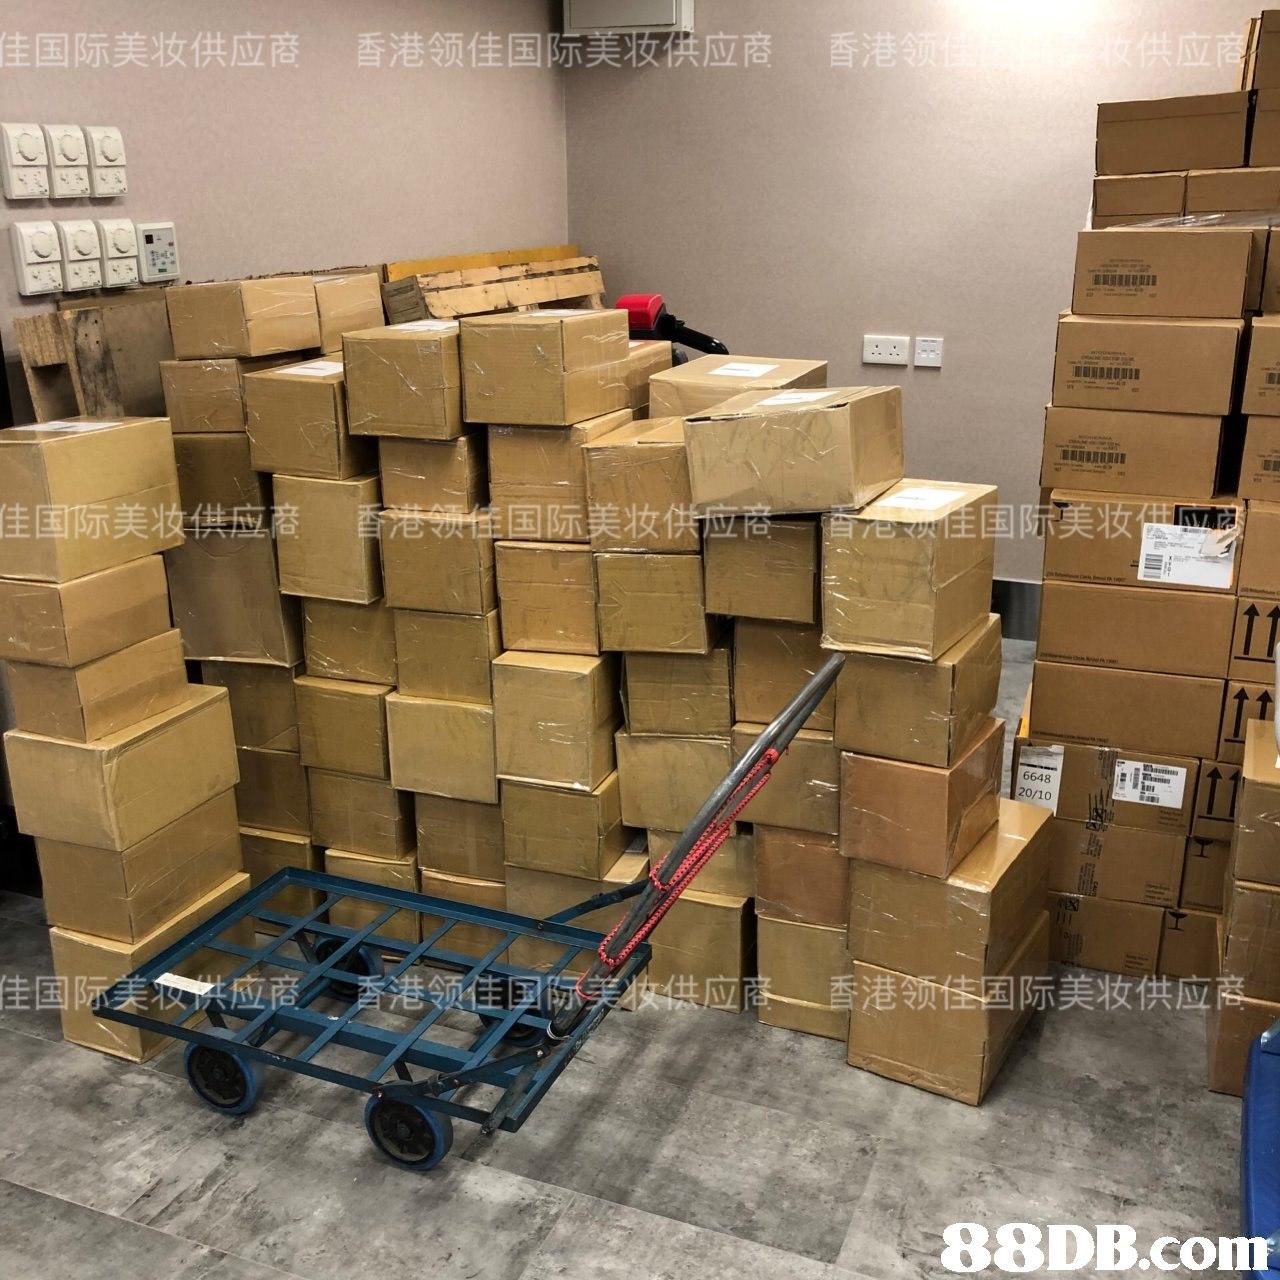 香港 佳国际美妆供应癢 香港领佳国际芙荍碘应賡 ETENU 佳国际美妆供 6648 20/10   Cardboard,Transport,Warehouse,Inventory,Box